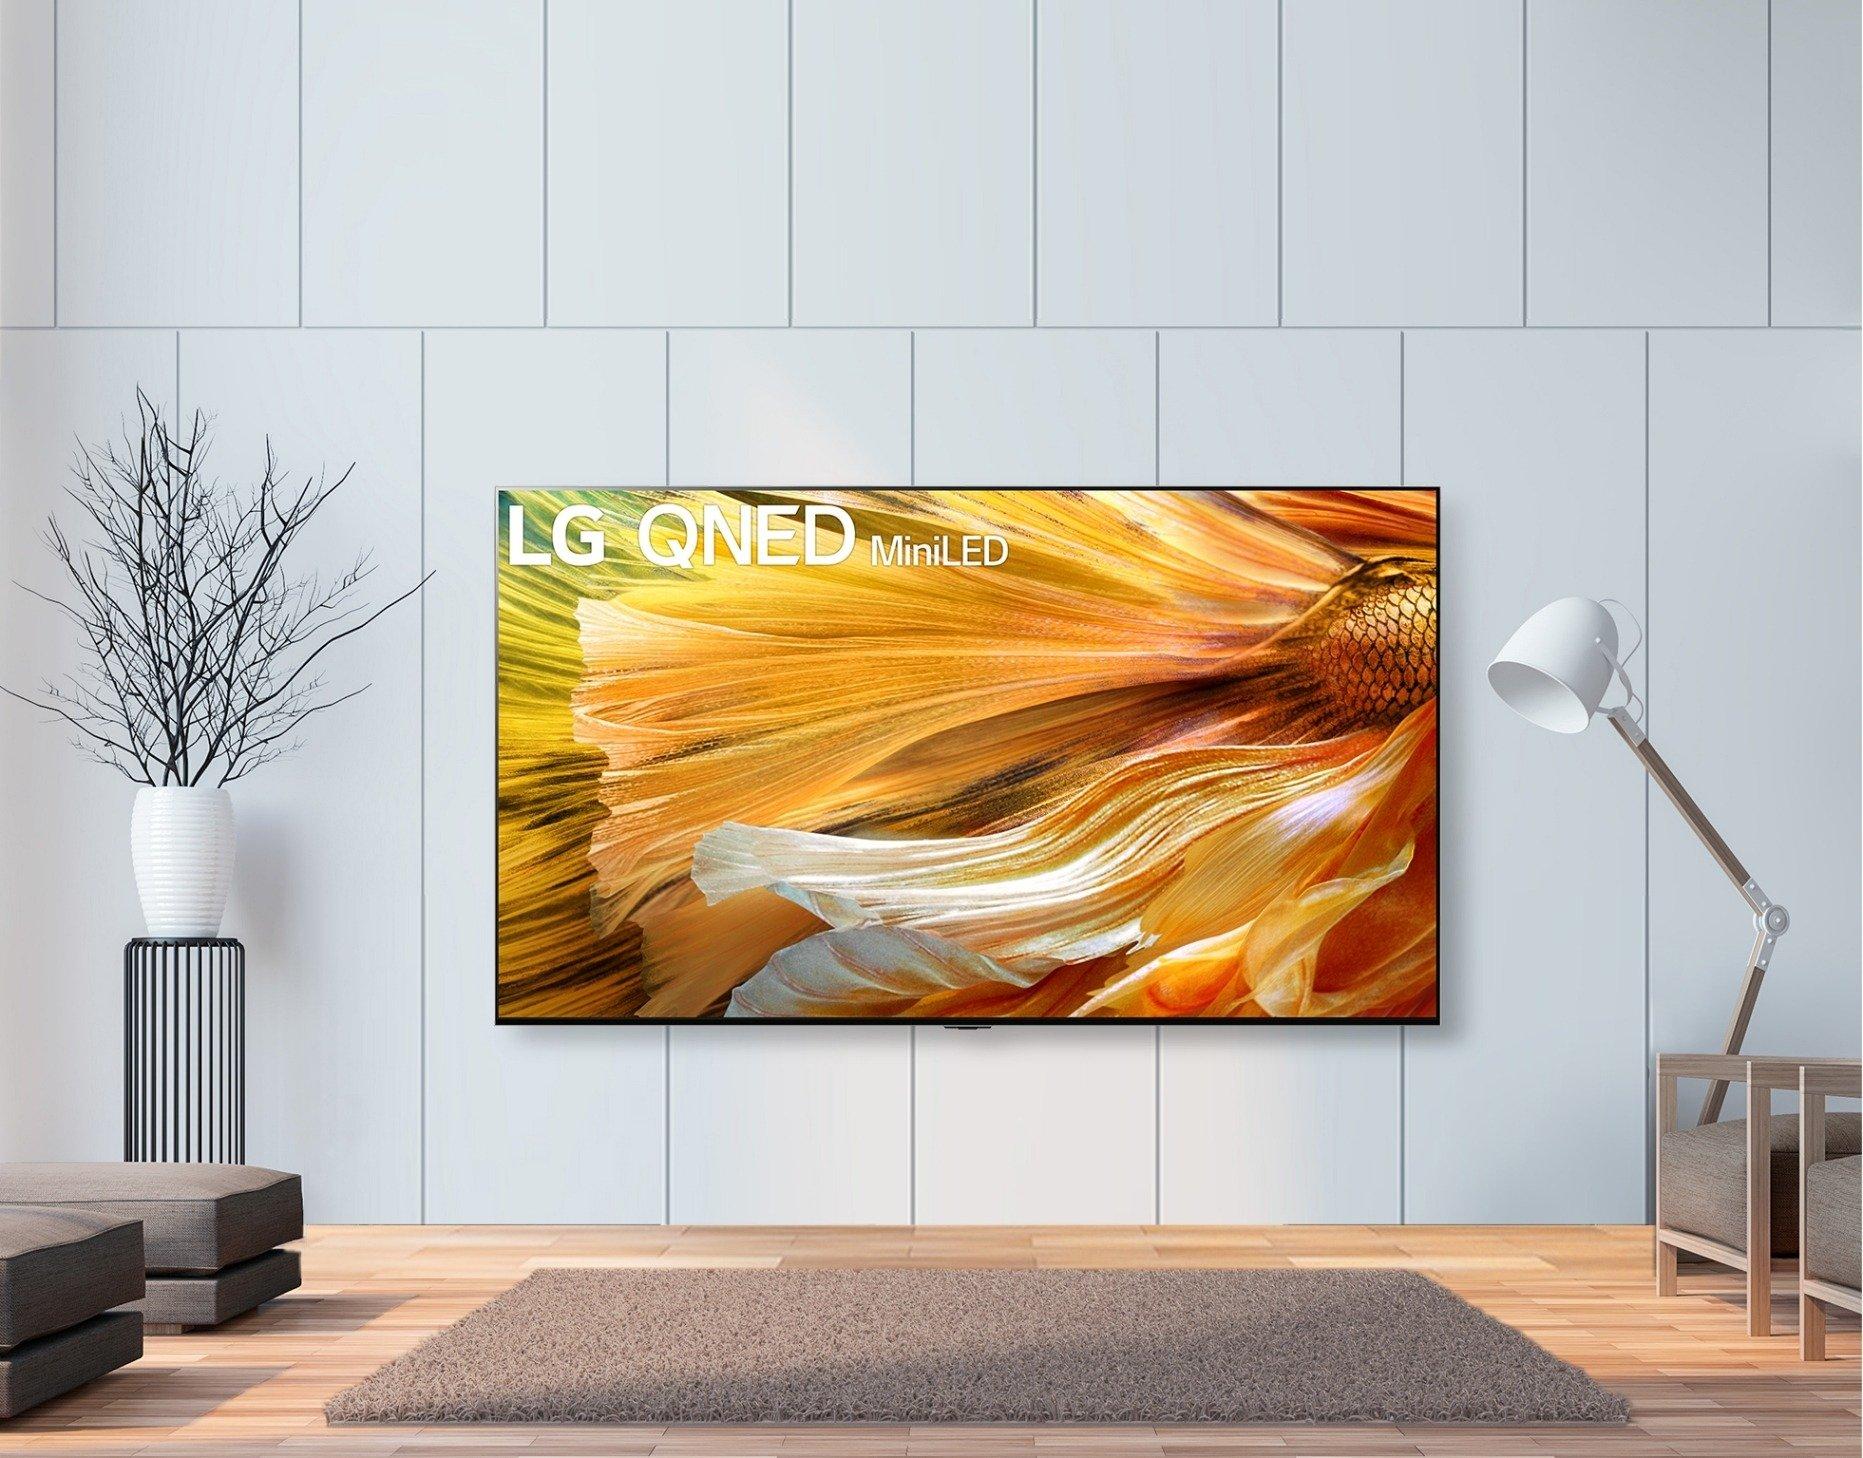 Ruszyła przedsprzedaż premierowych telewizorów LG QNED MiniLED. Nowa jakość obrazu na ekranie LCD